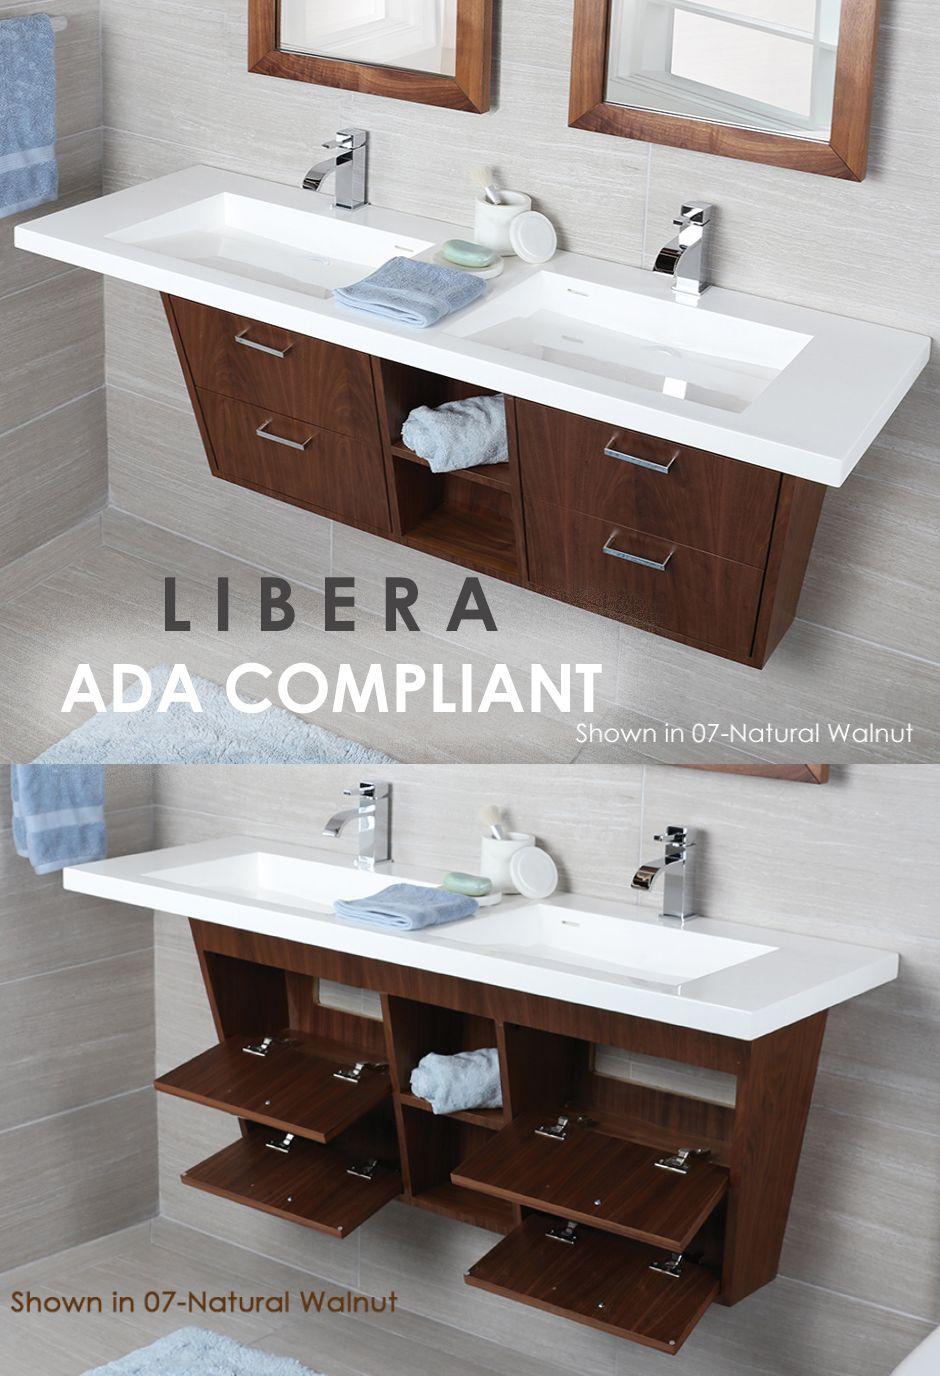 Ada Compliant Vanity Accessible Bathroom Design Ada Bathroom Handicap Bathroom